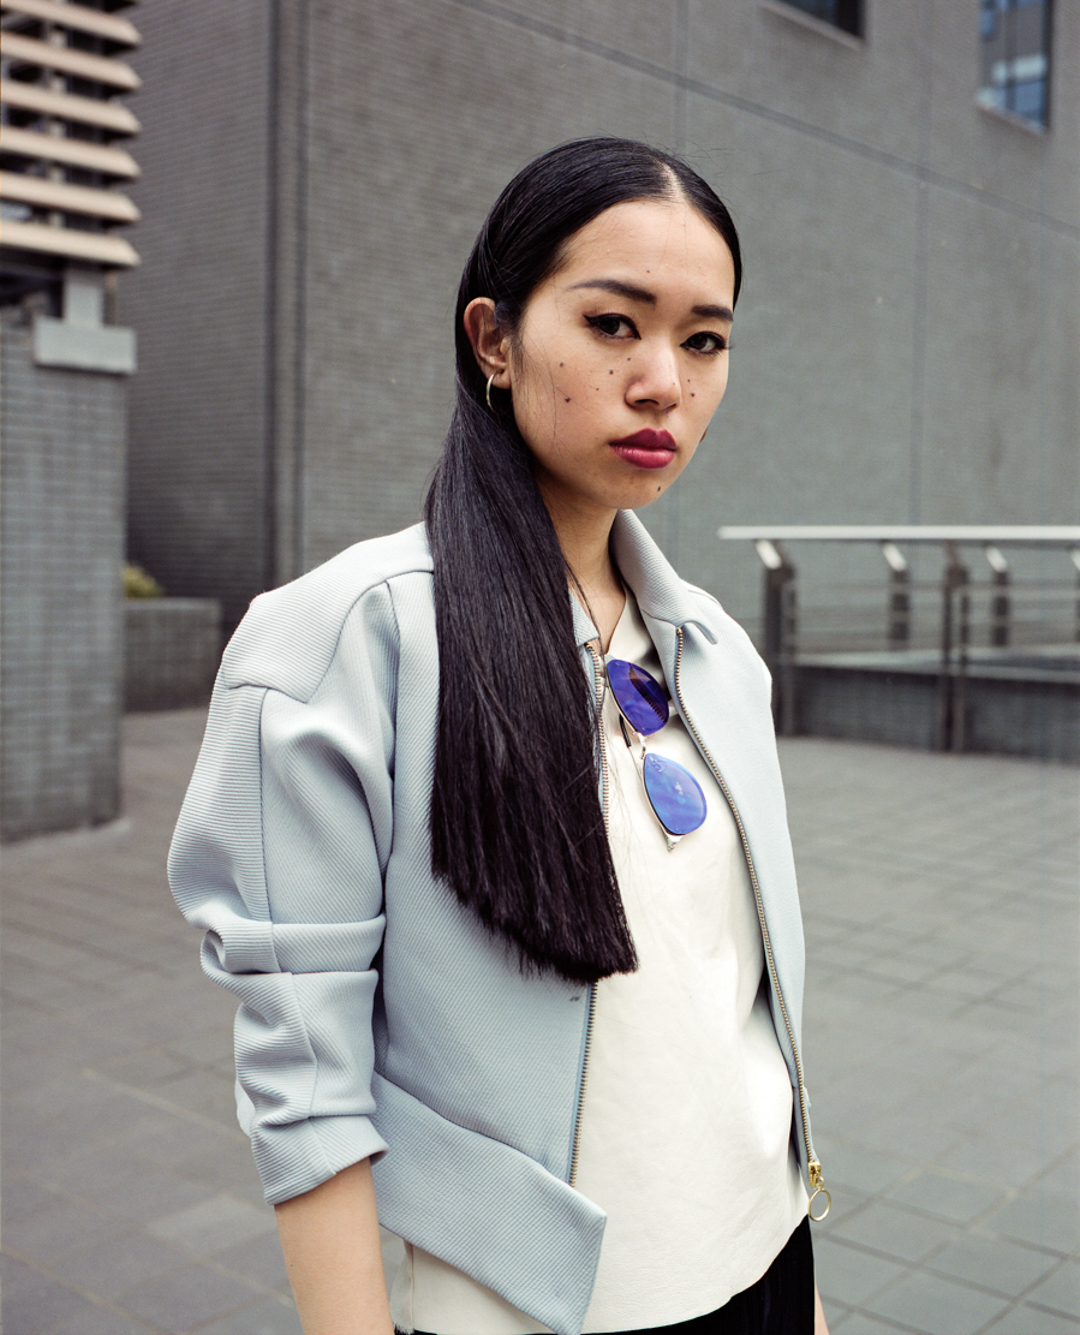 Momo wearing a blue pastel designer jacket in Shinjuku